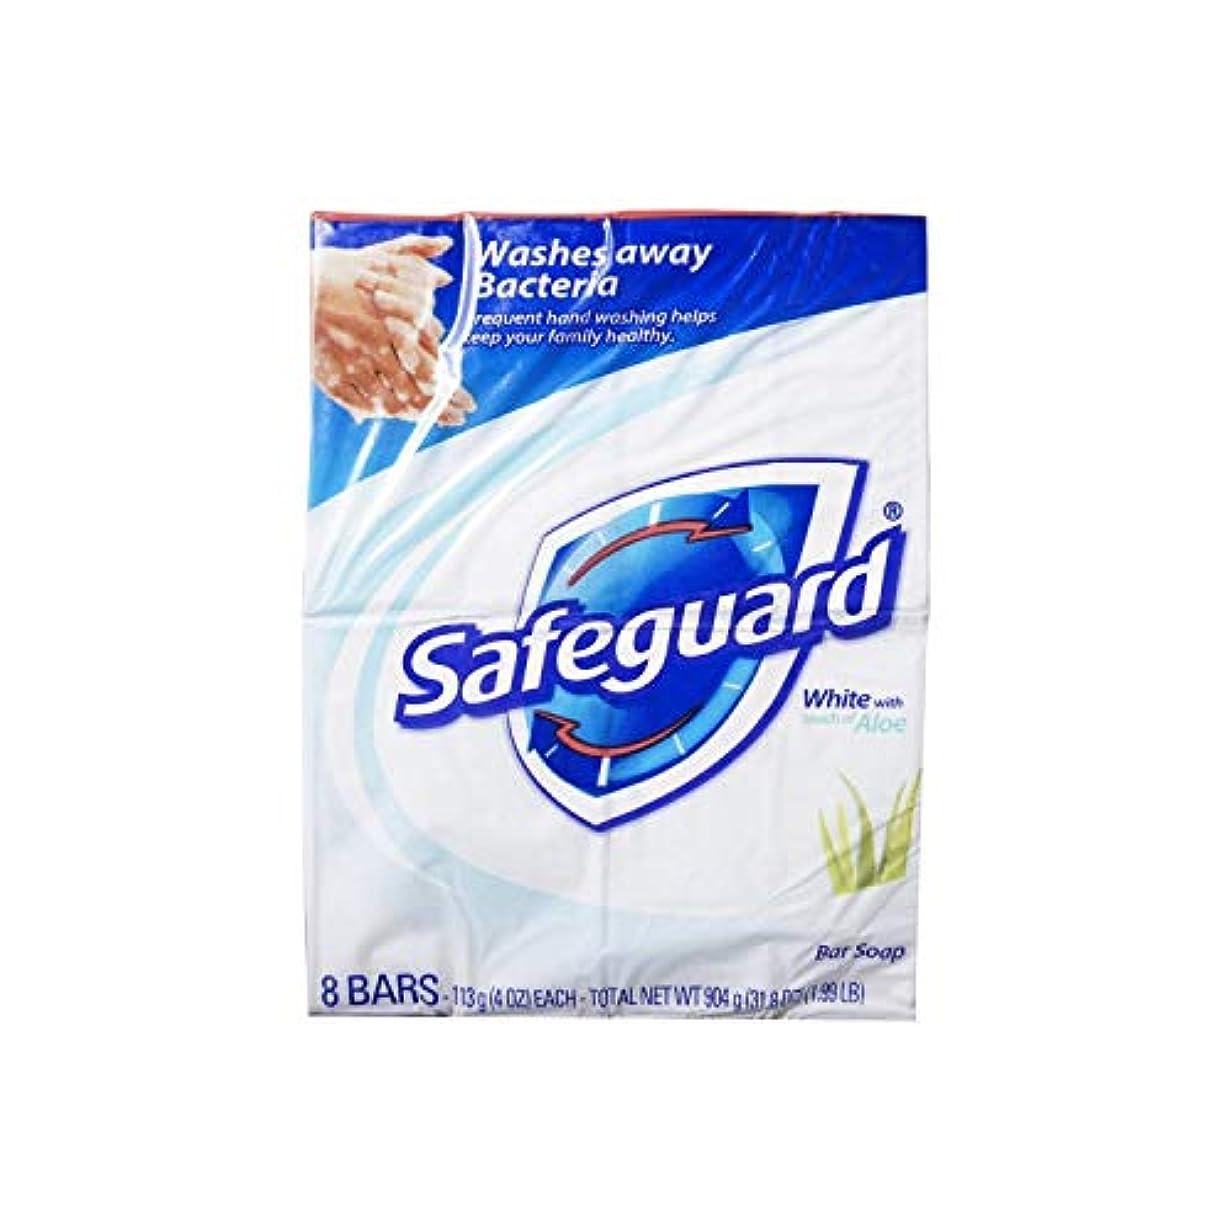 測定可能立場仲間、同僚Safeguard 抗菌石鹸、ホワイトアロエでは、4つのオズバー、8 Eaは(6パック)